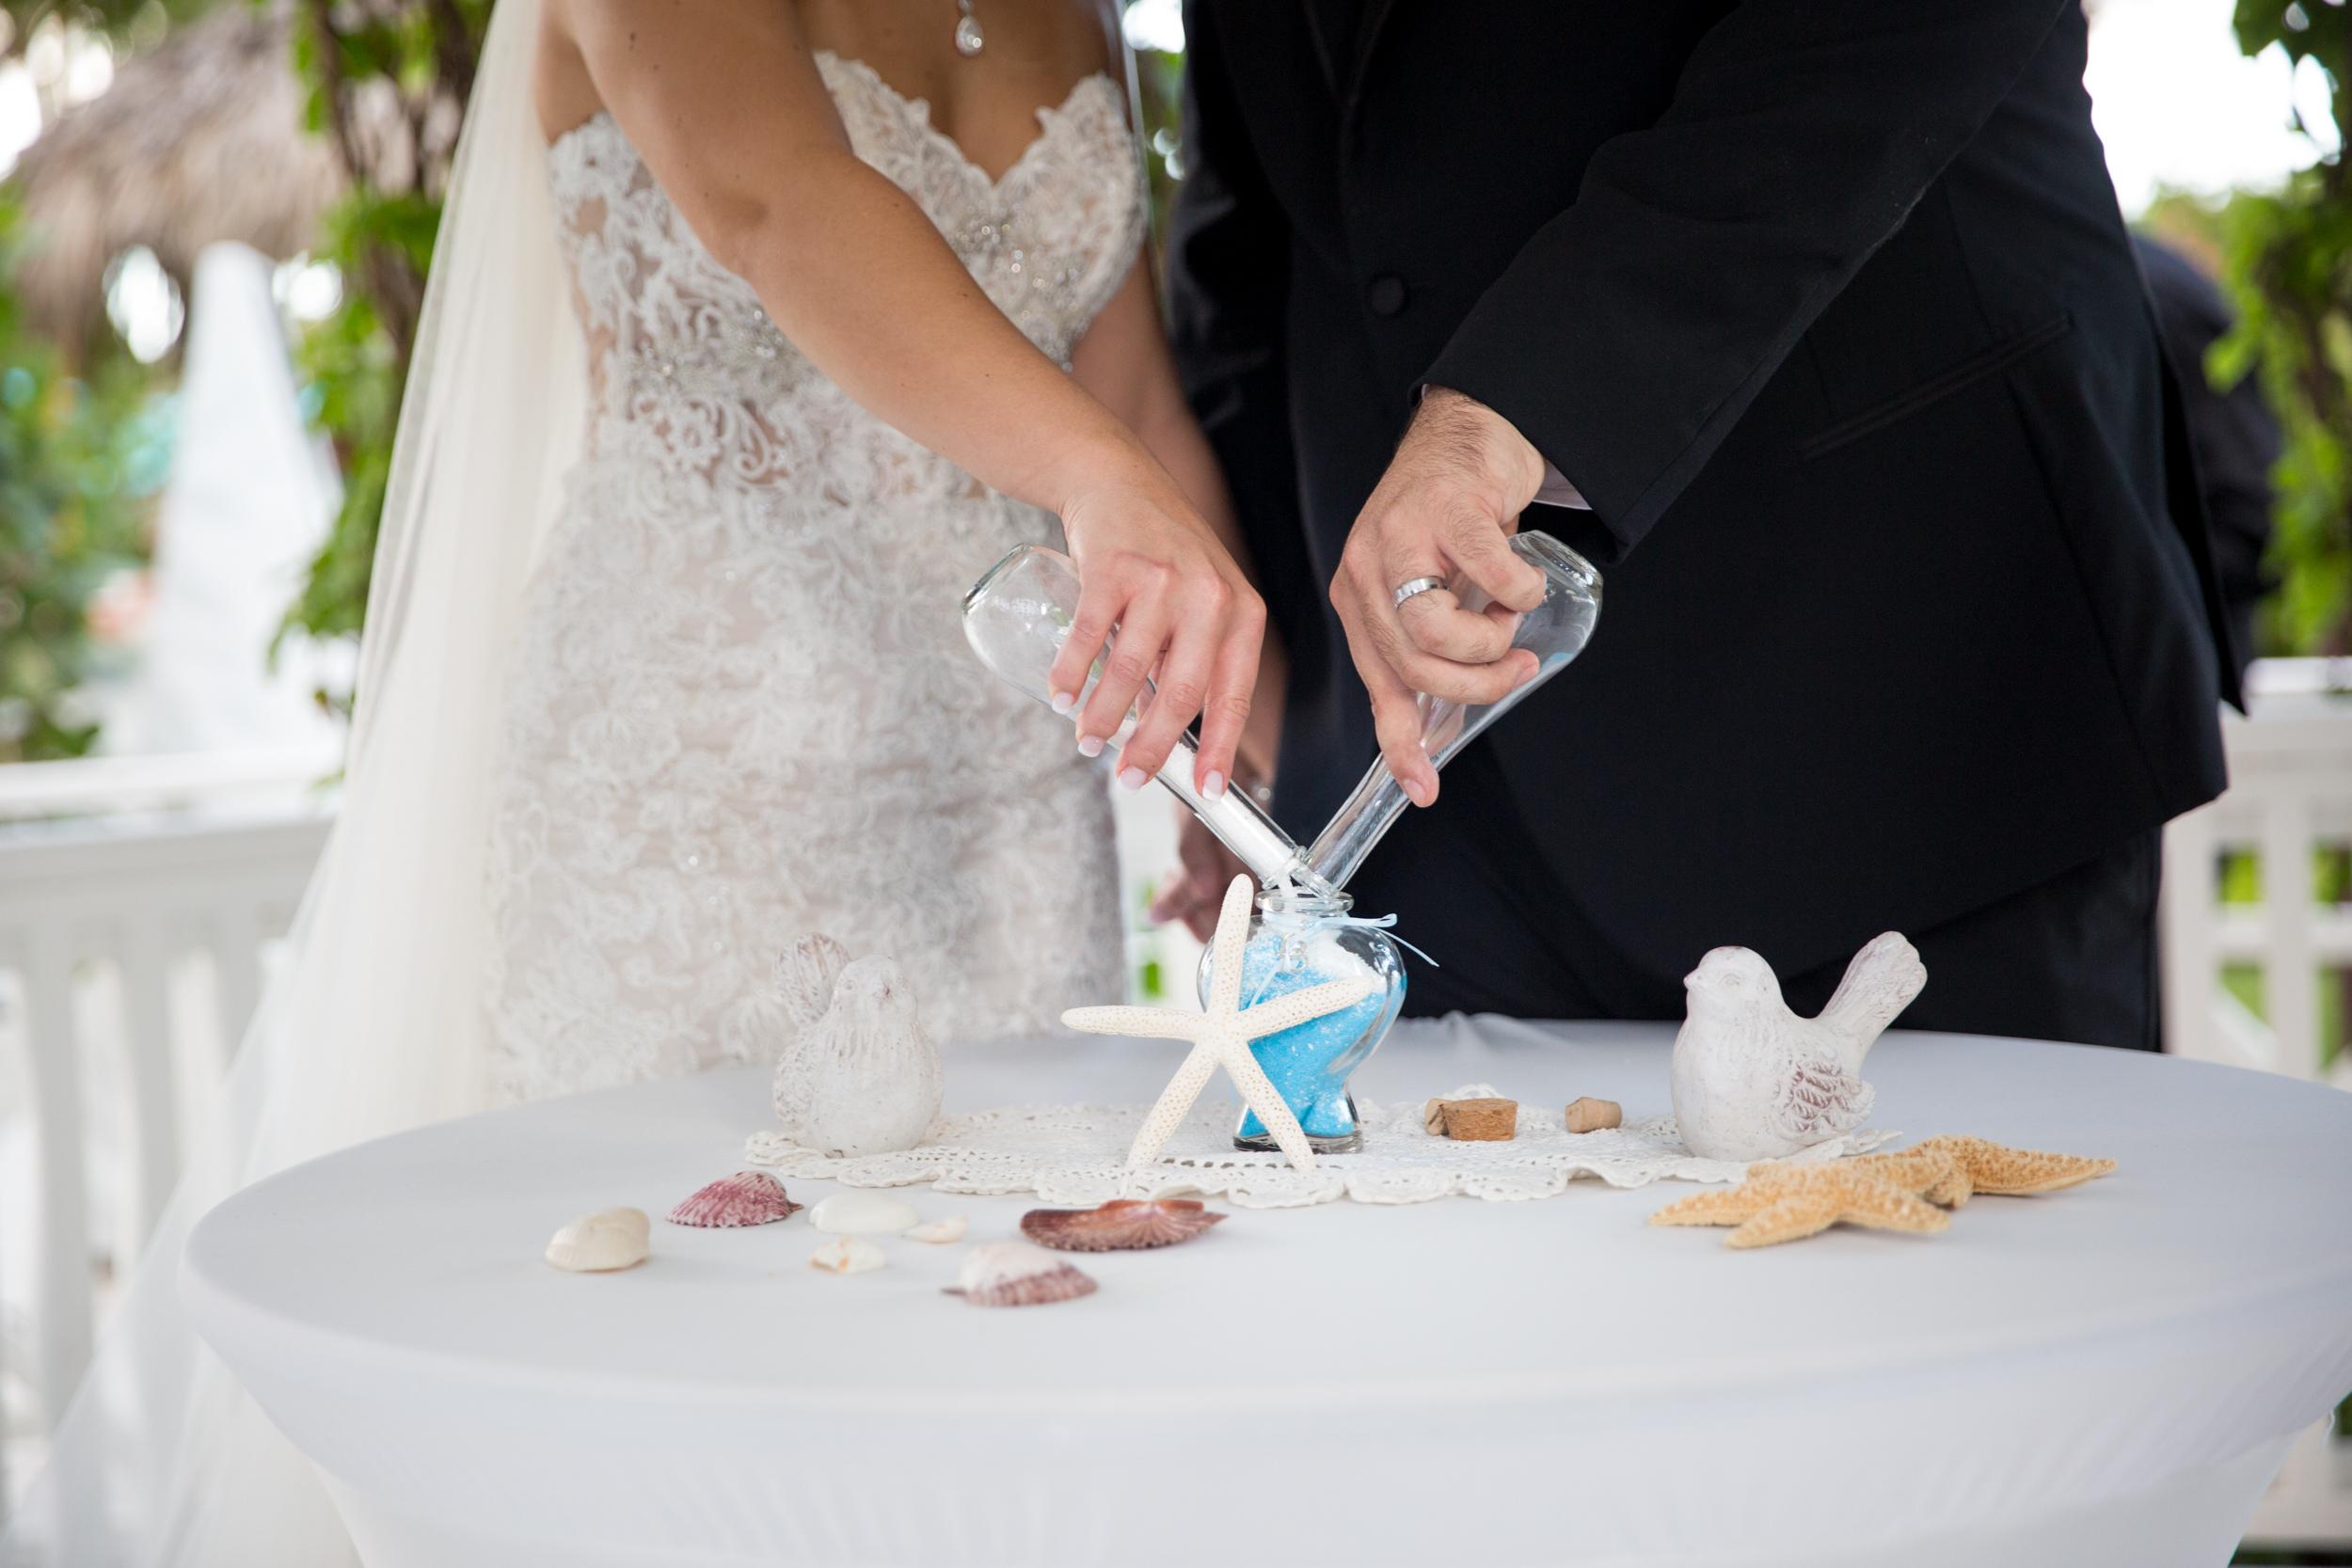 10-14-17_AshleyRichard_Wedding-78.jpg